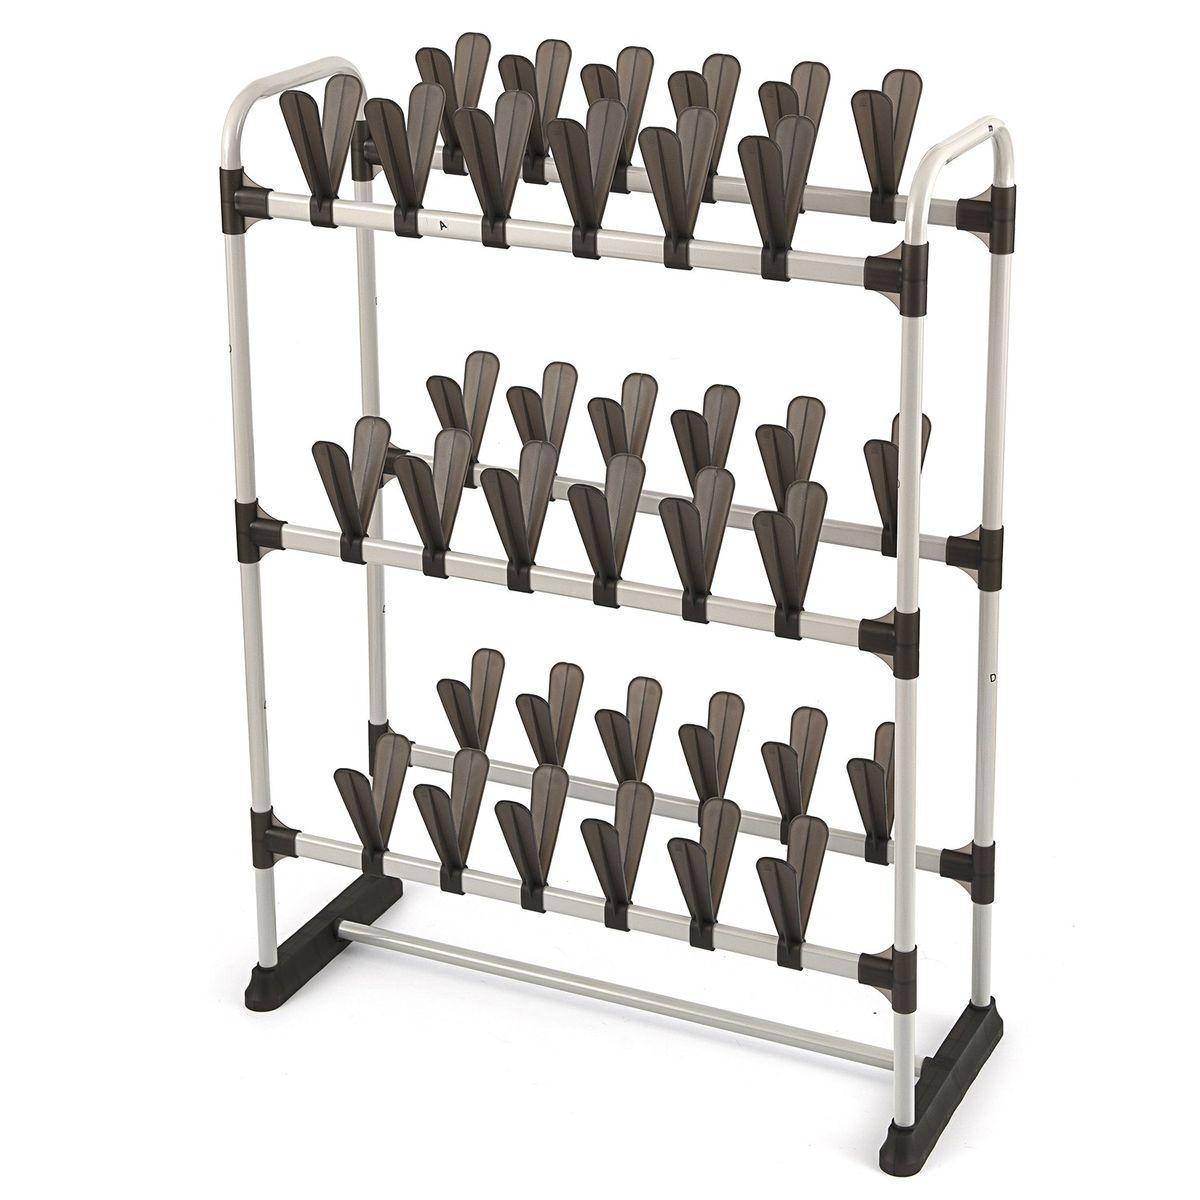 Обувница Homsu, на 36 пар, 73 x 32 x 97 смCLP446Удобная и компактная система хранения рассчитанная на 36 пар обуви. Данная система позволит вам хранить обувь раздельно и очень аккуратно. Благодаря конструкции в два этажа данная система сэкономит место в вашей прихожей, а так же её можно установить в гардеробную или шкаф-купе. Размер изделия:73x32x97см